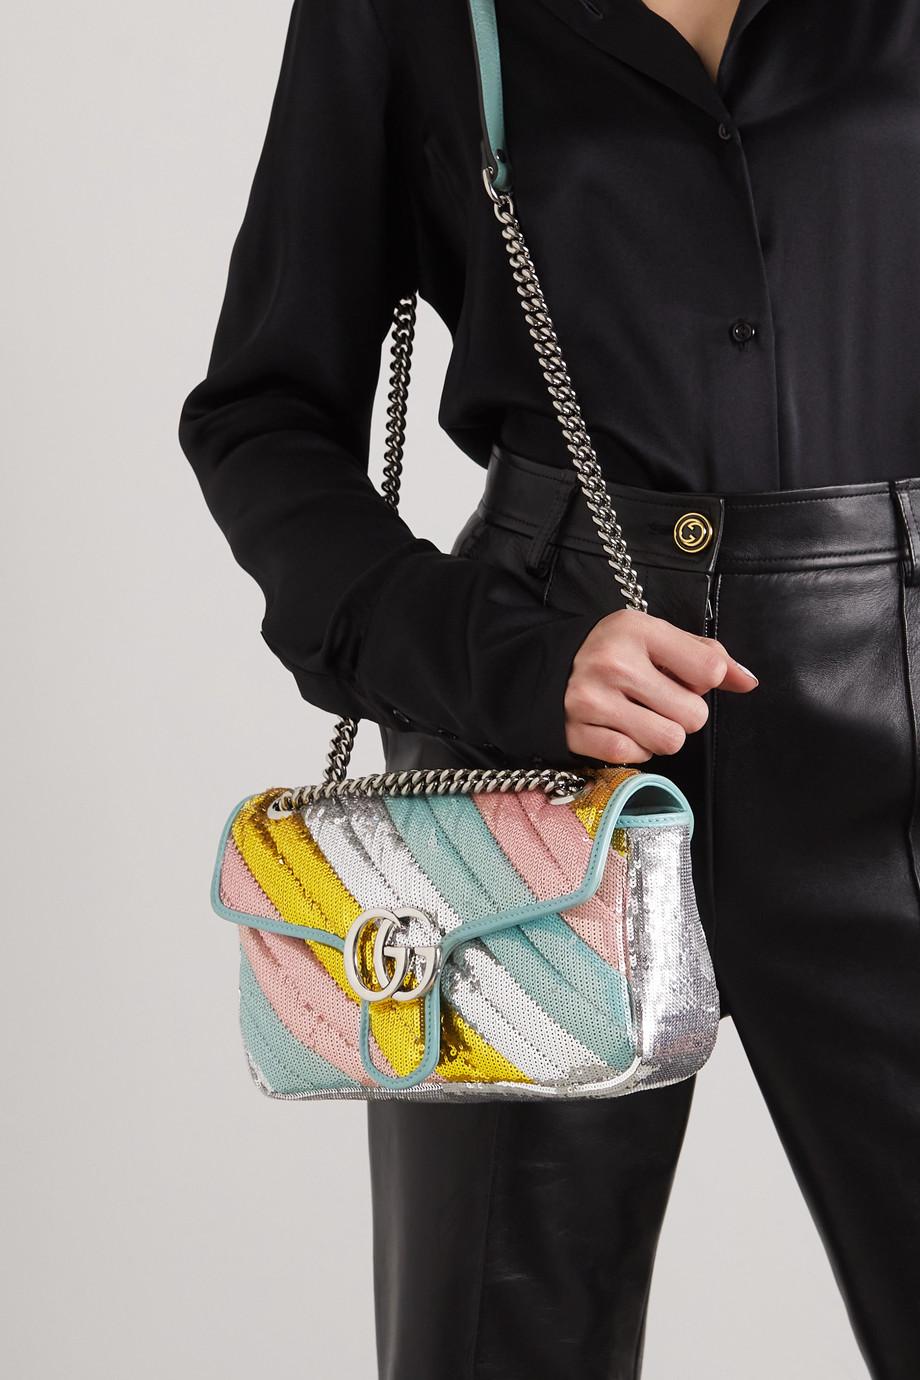 Gucci GG Marmont kleine Schultertasche aus gestepptem Leder mit Pailletten